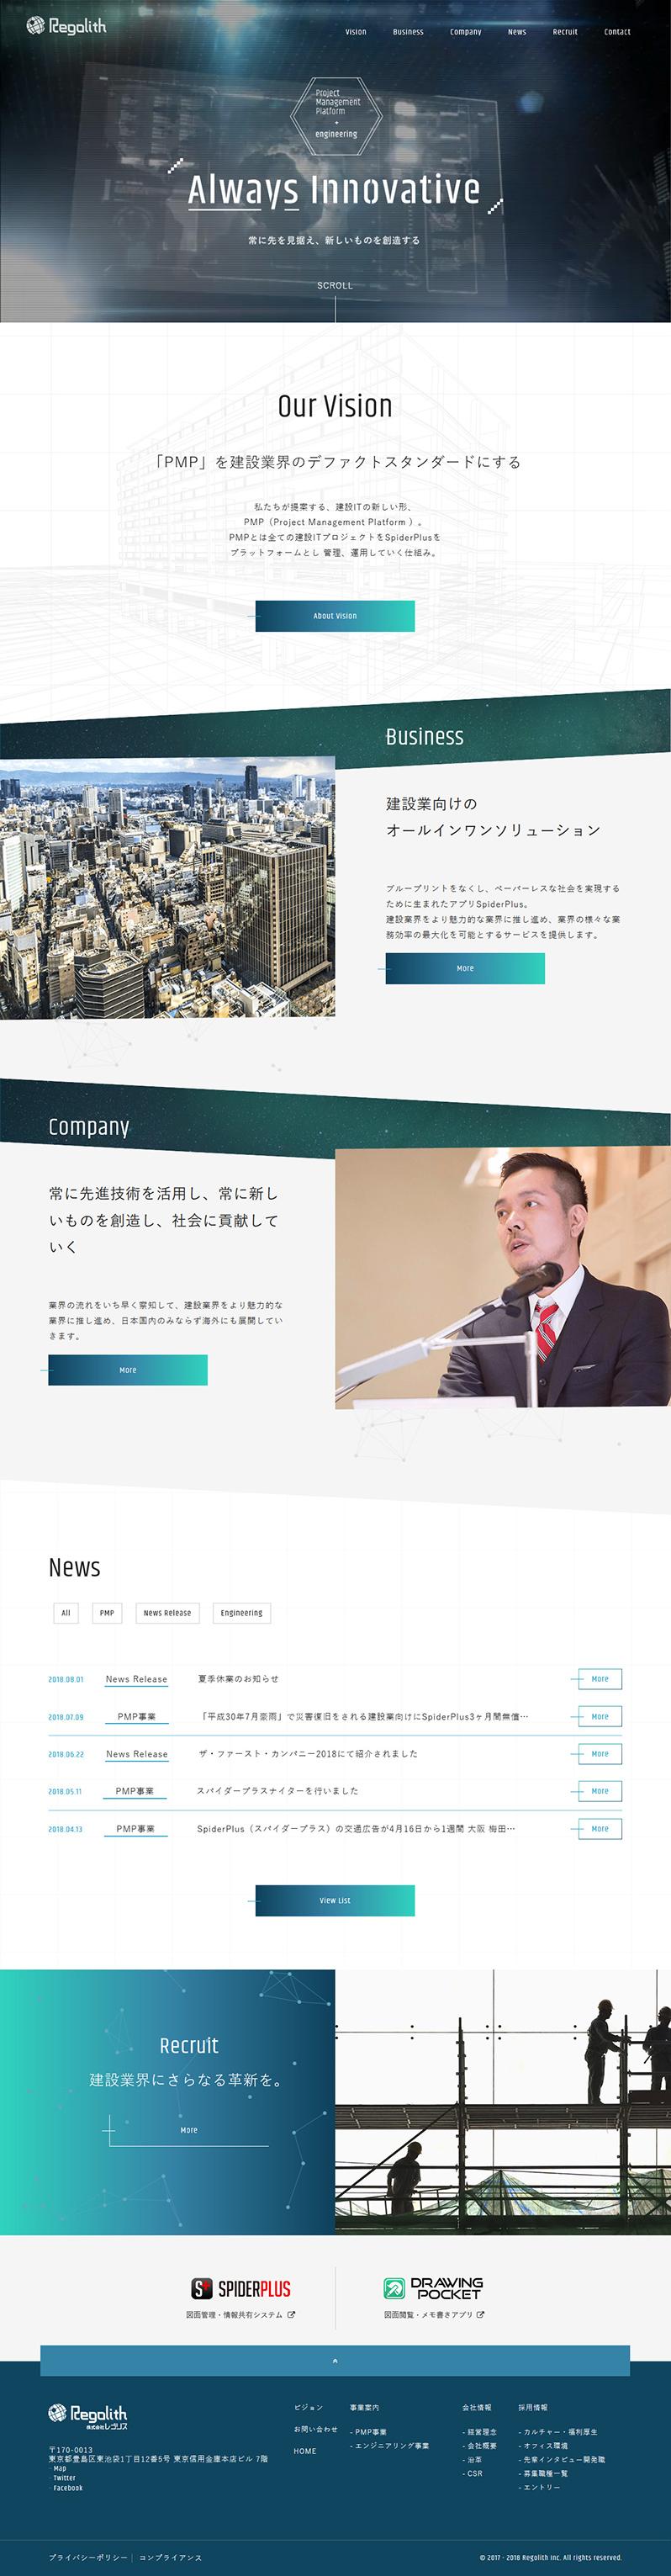 株式会社レゴリスPC版イメージ